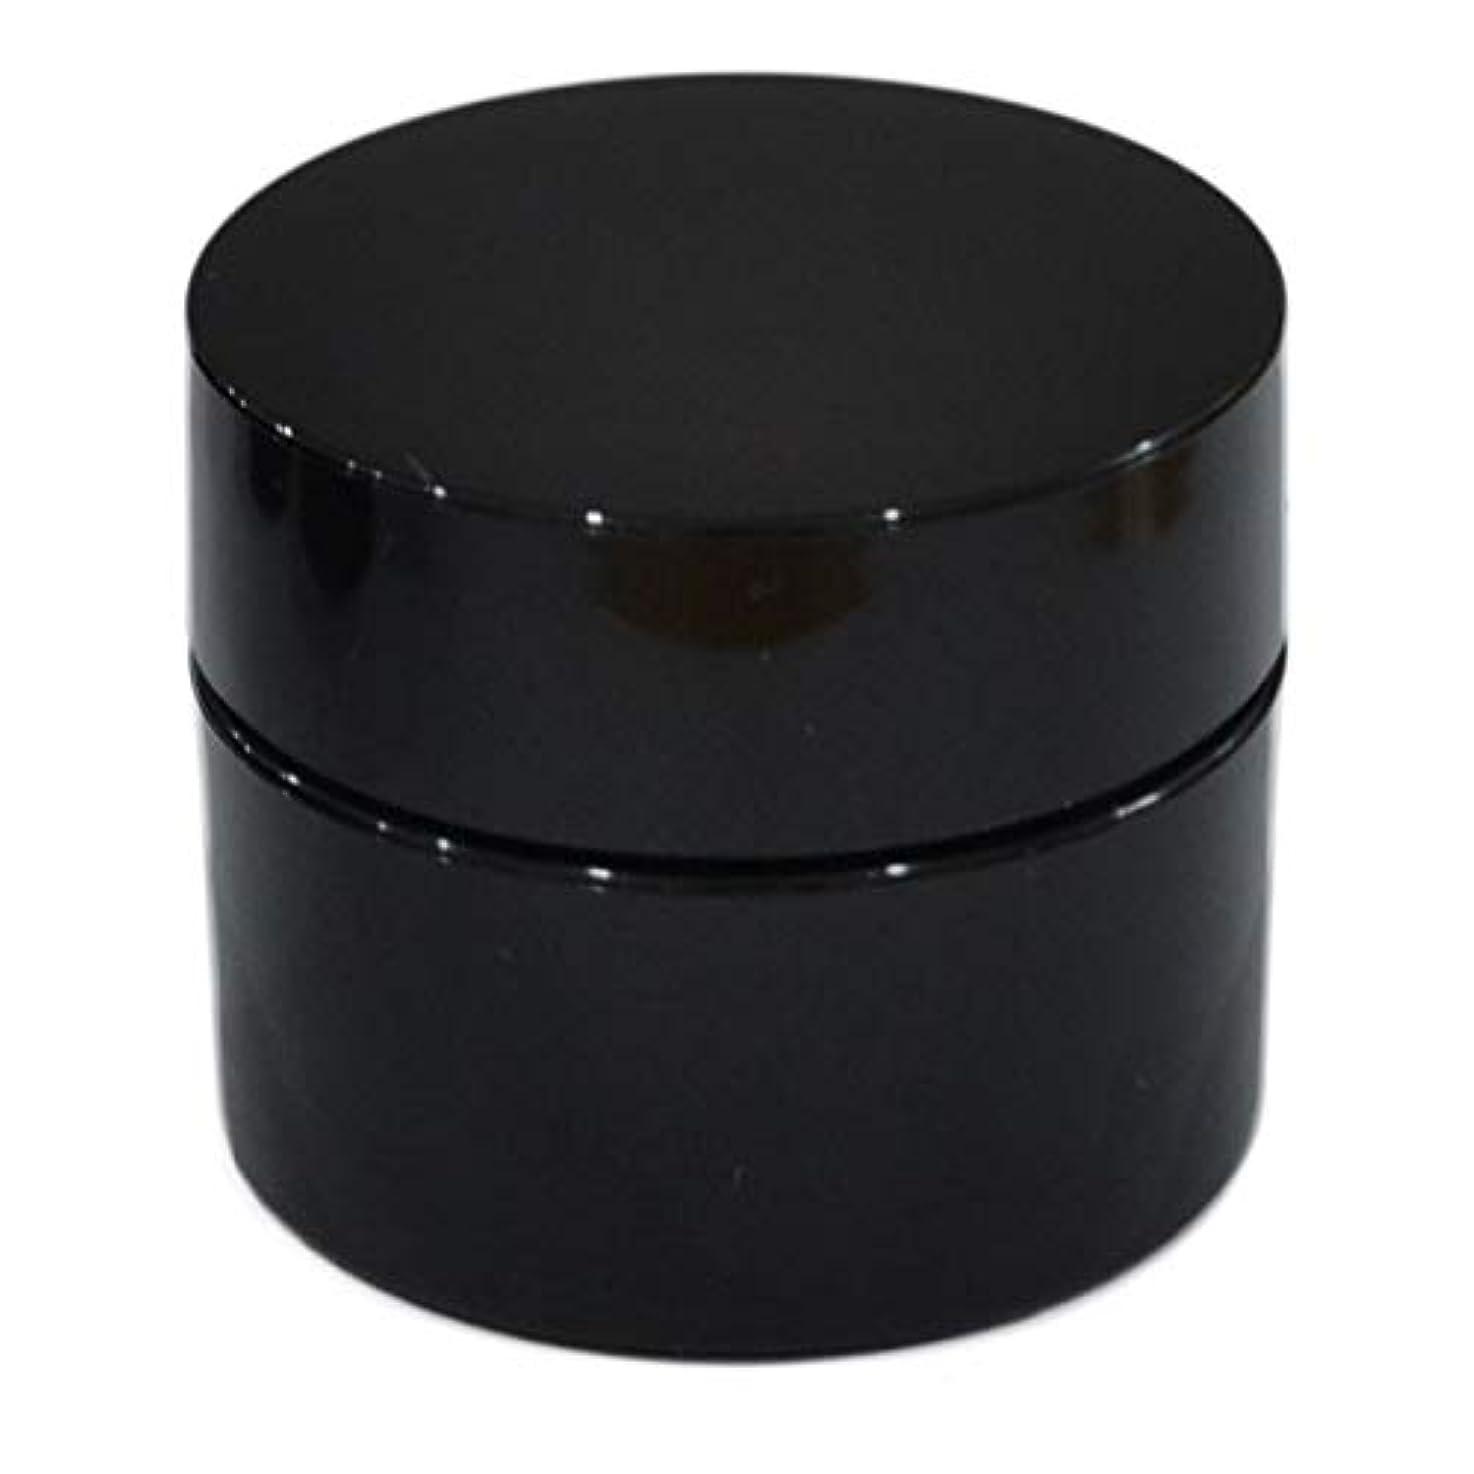 リングバック一人で理由純国産ネイルジェル用コンテナ 10g用GA10g 漏れ防止パッキン&ブラシプレート付容器 ジェルを無駄なく使える底面傾斜あり 遮光 黒 ブラック